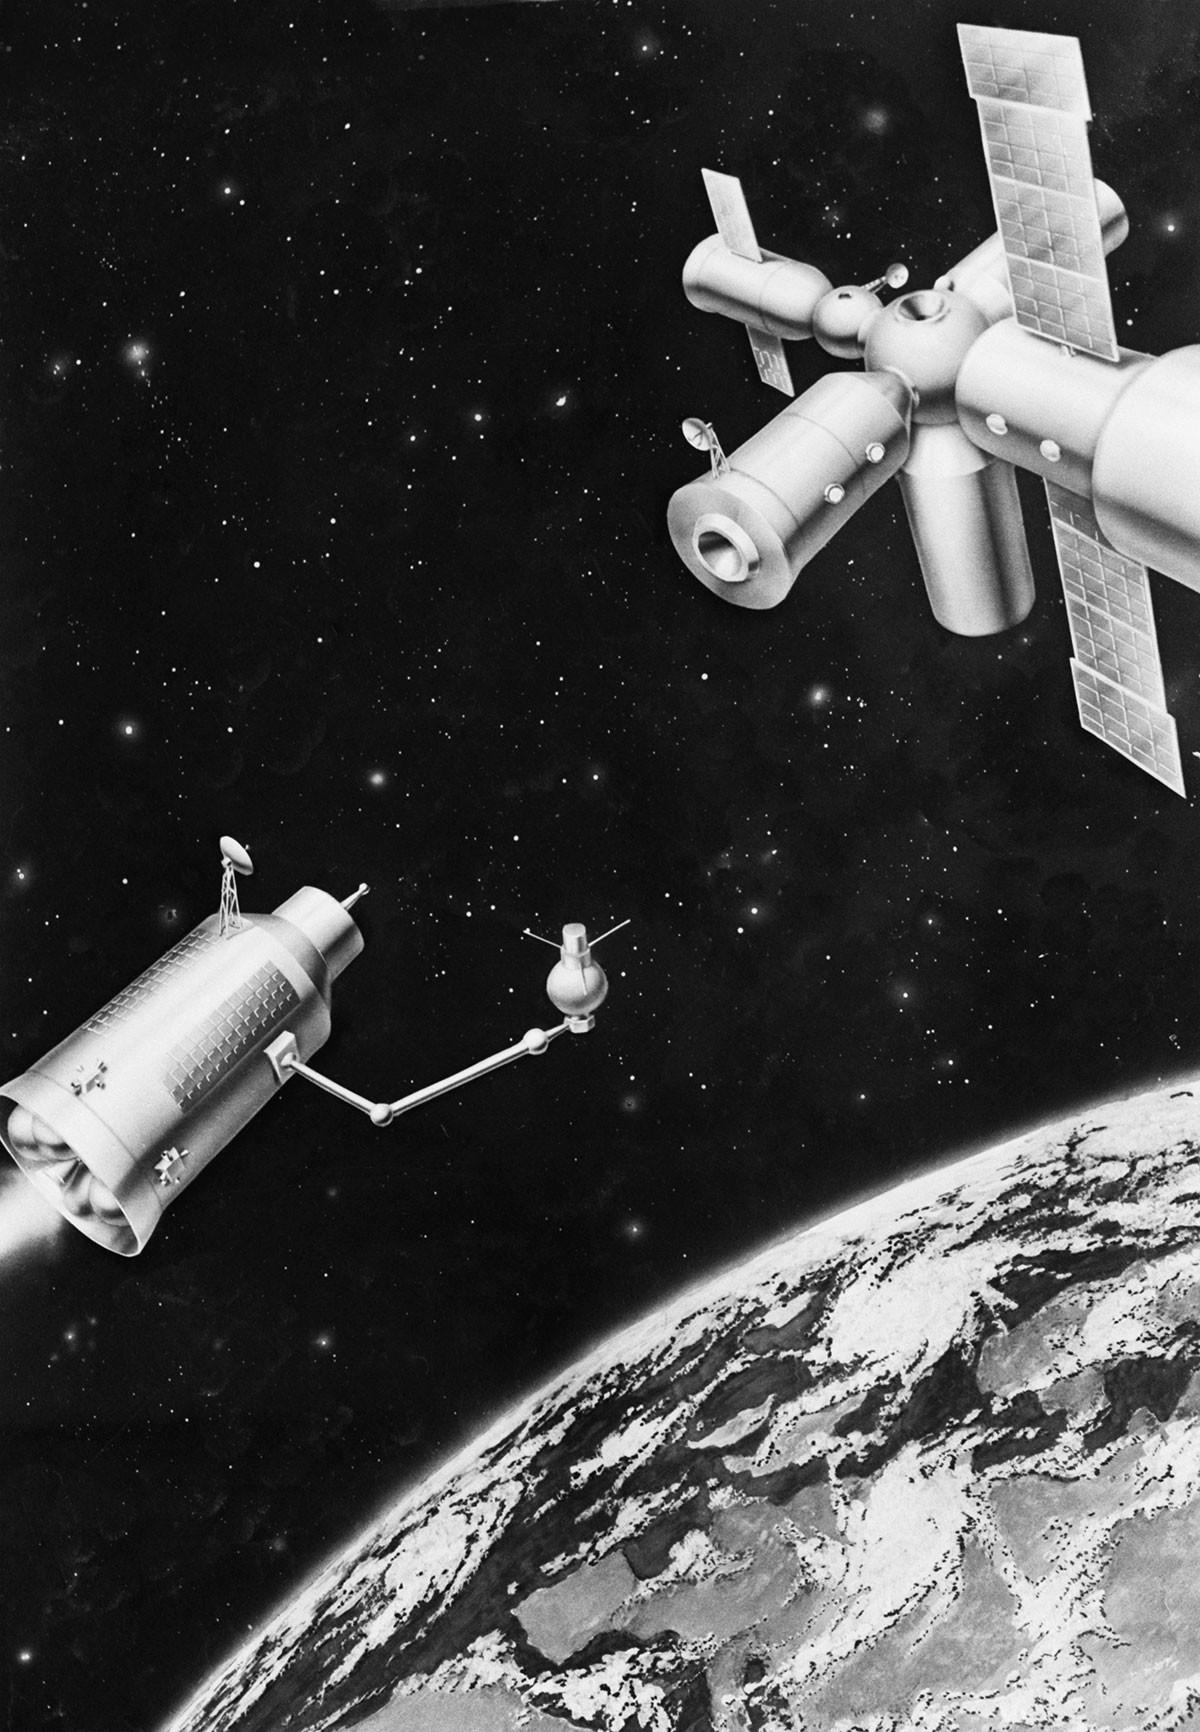 Disegno schematico di un razzo di ritorno da Marte con una stazione spaziale nell'orbita terrestre. URSS, 1° marzo 1988